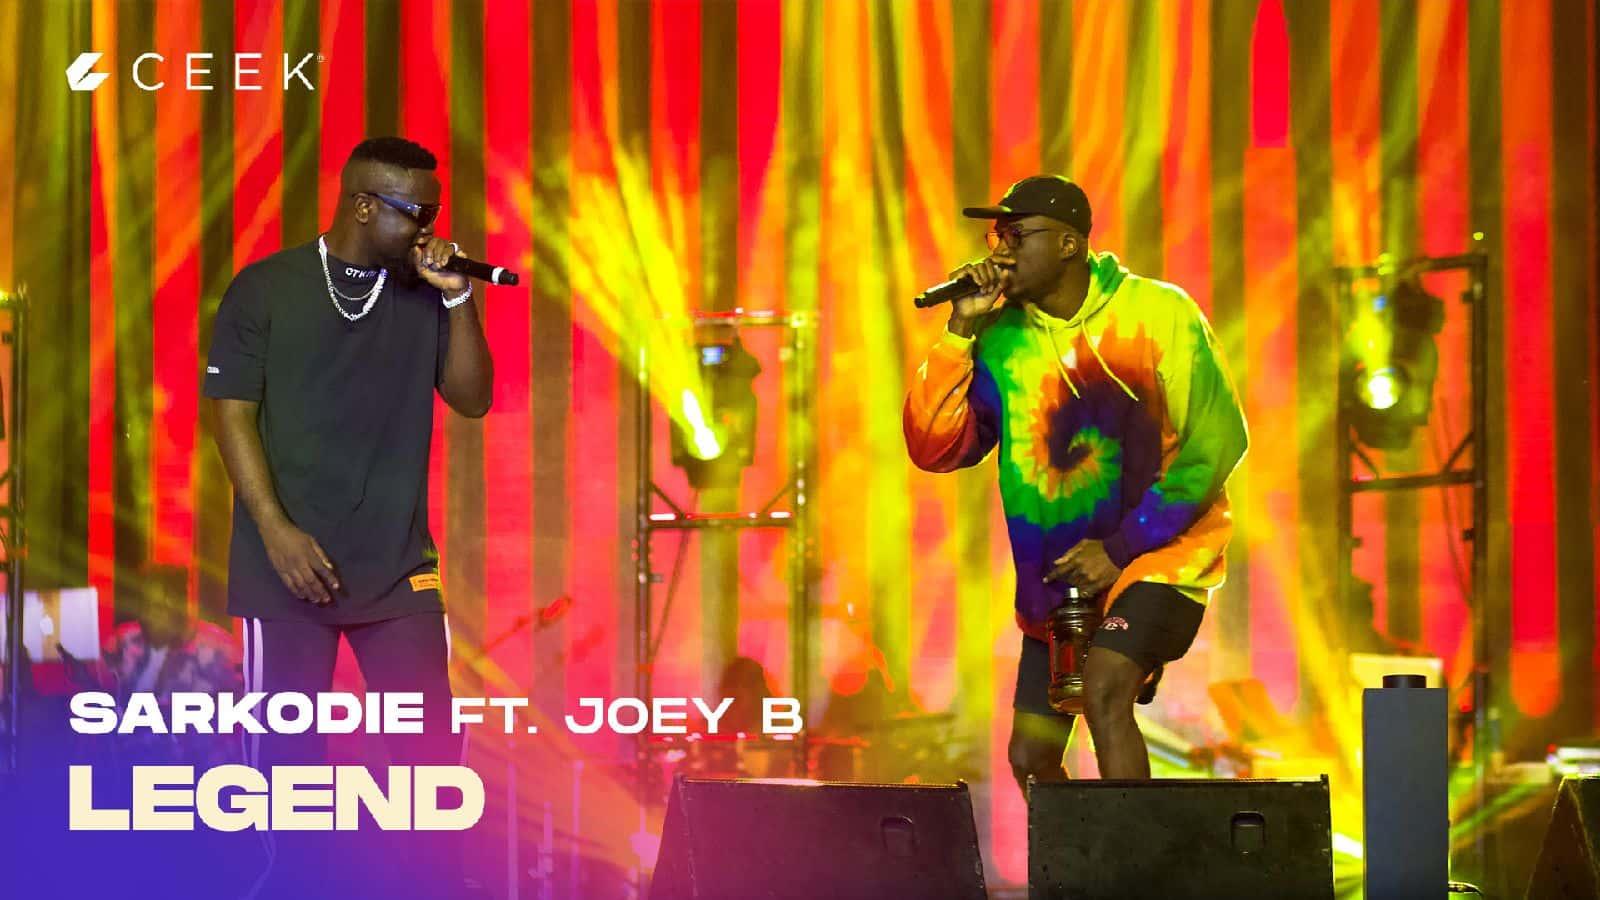 Legend ft. Joey B